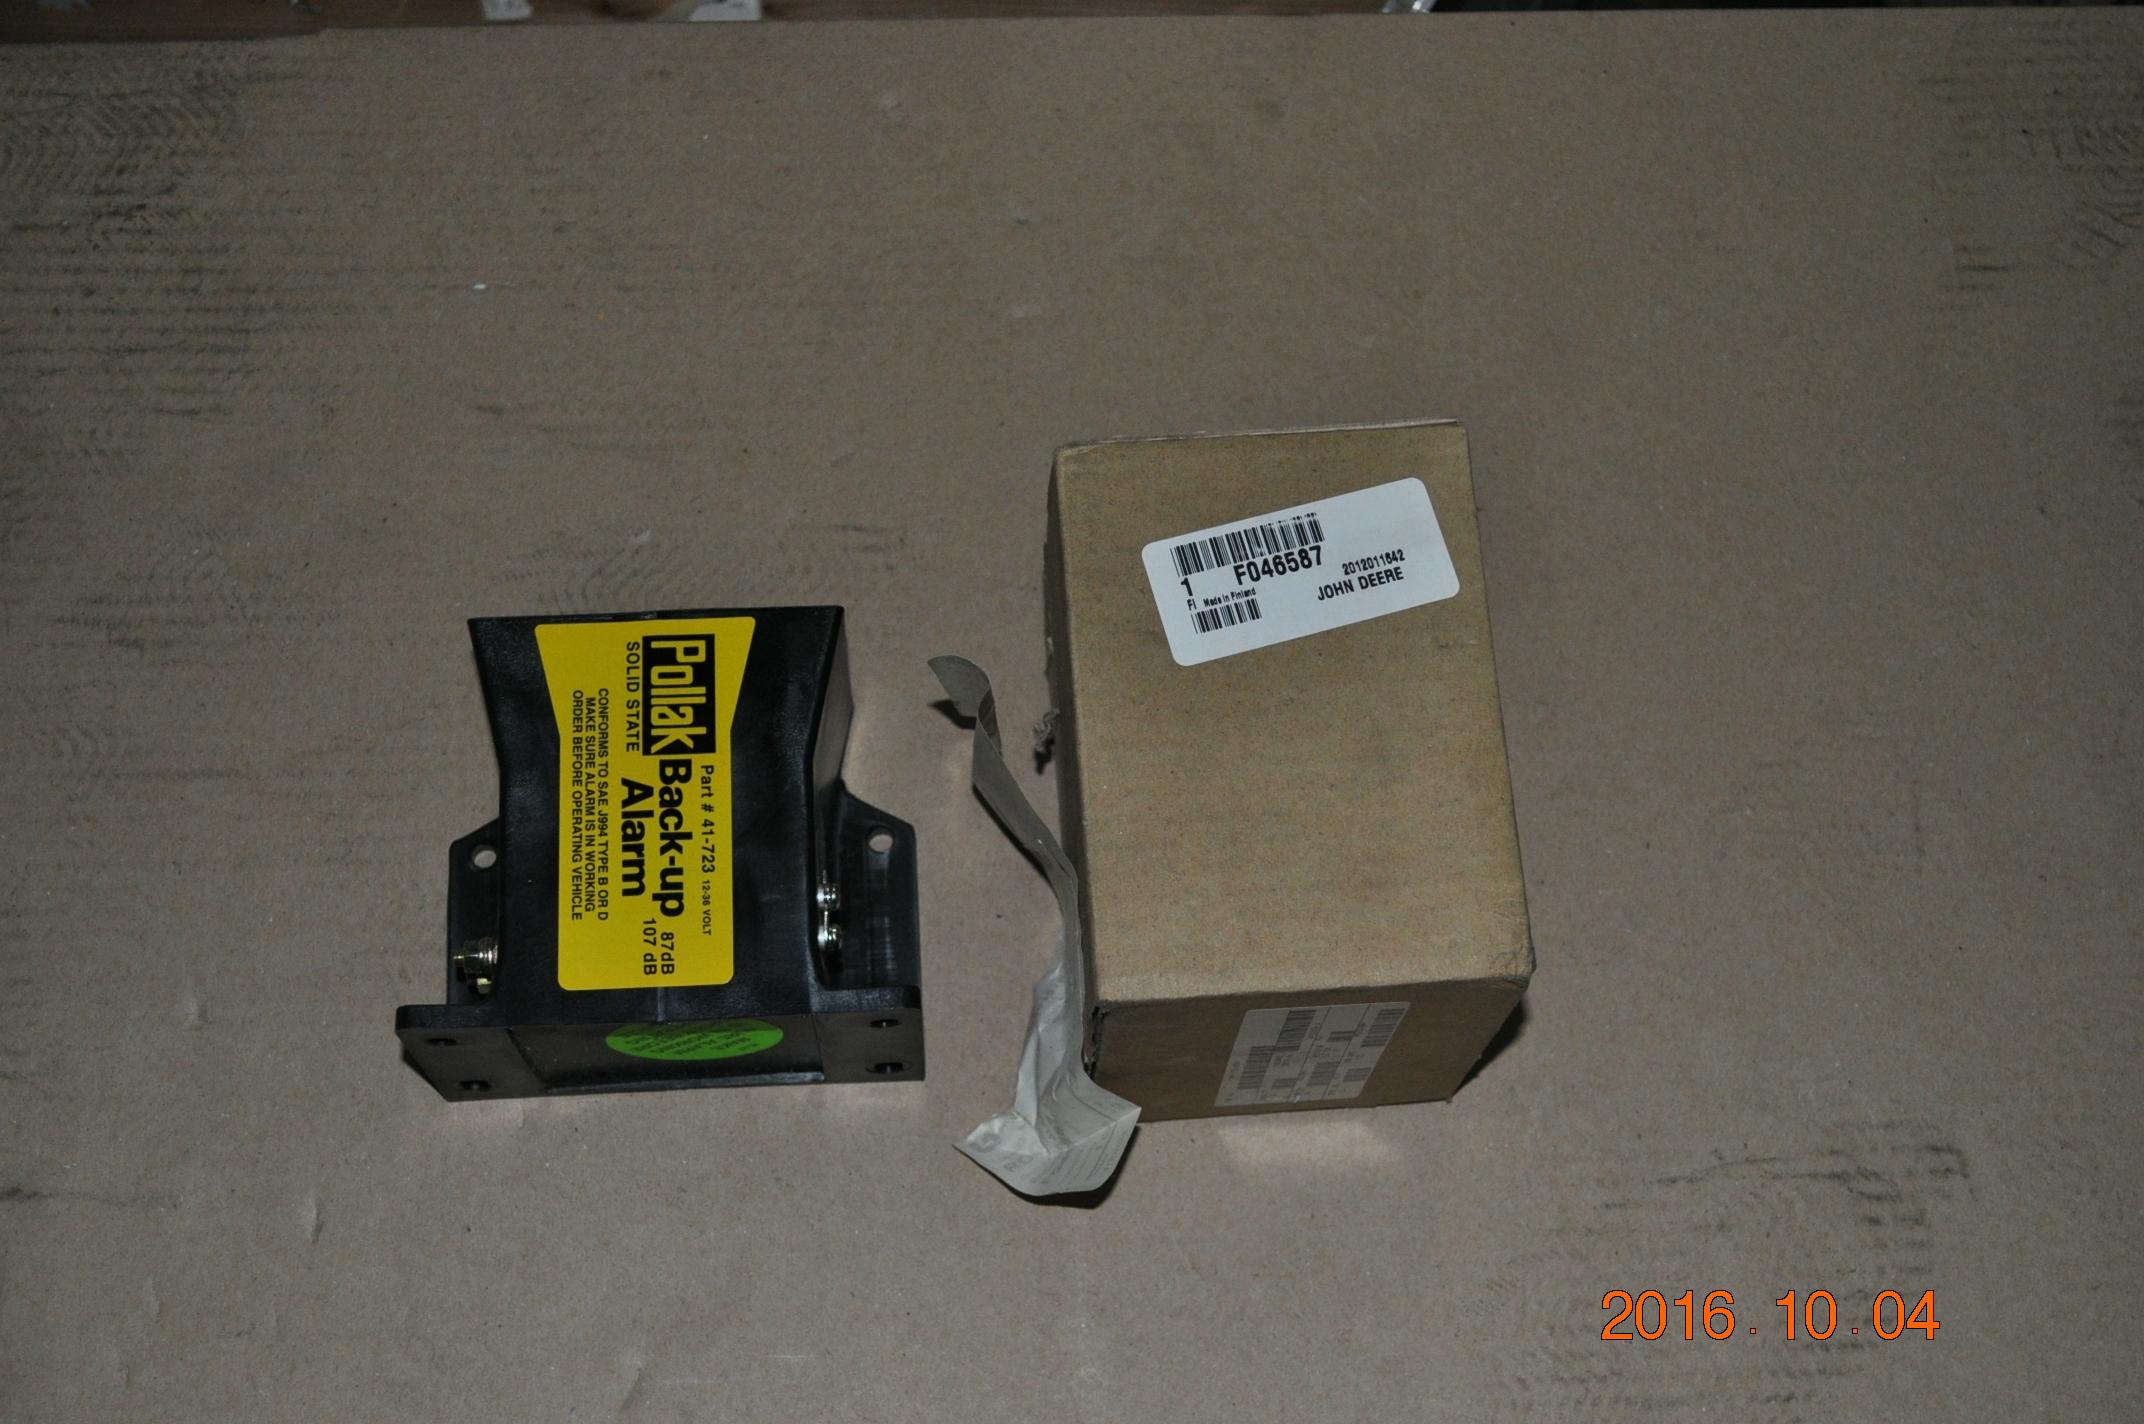 dsc_0015 - Nord Import Eksport LTD Sp  z o o